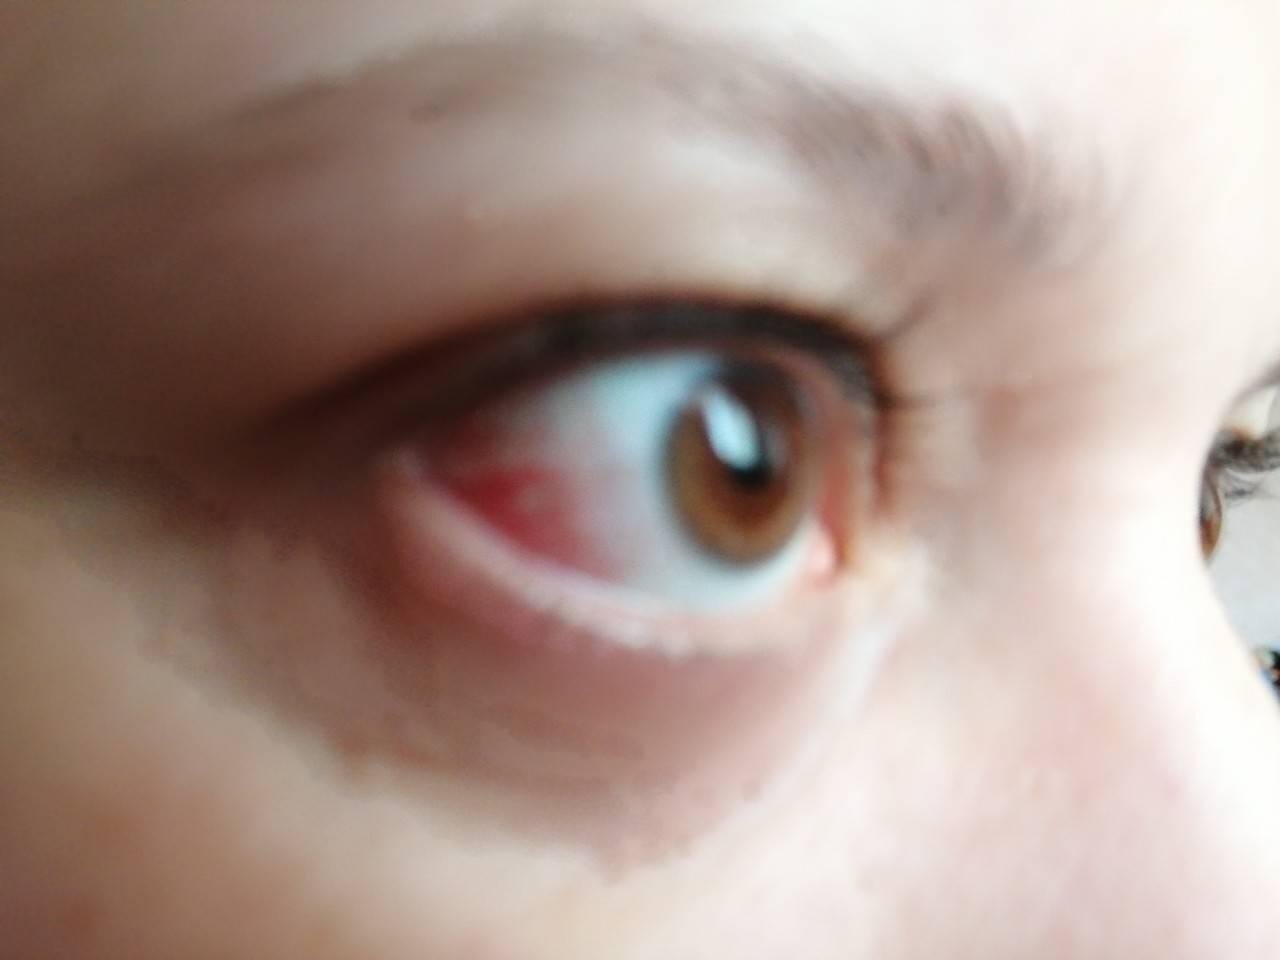 Ткнули пальцем в глаз лечение